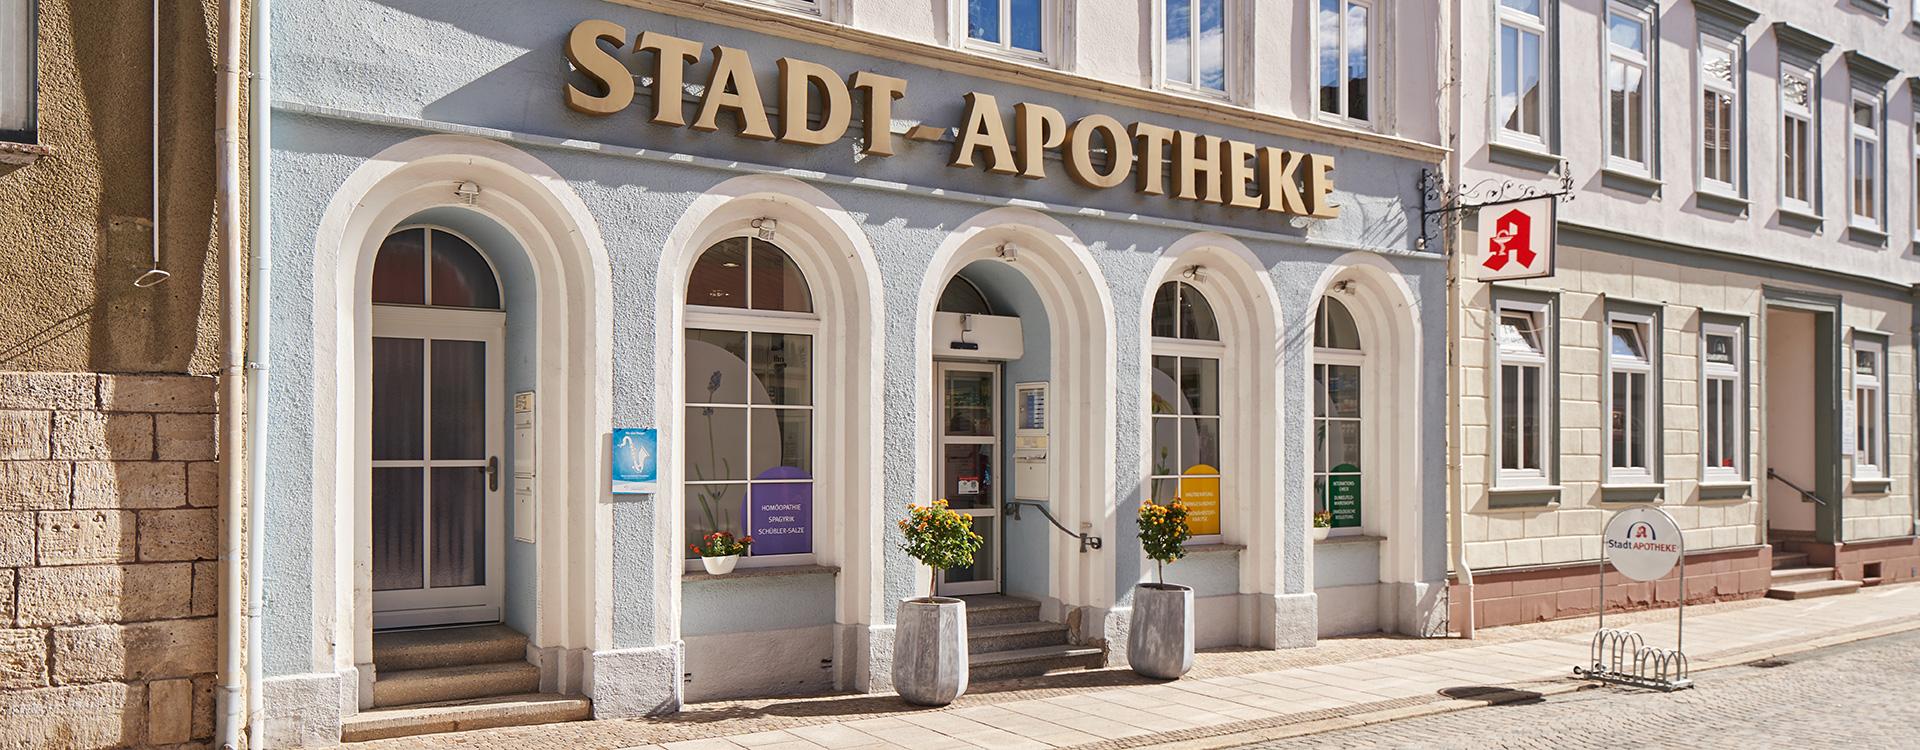 Stadt Apotheke Sondershausen Aussenansicht